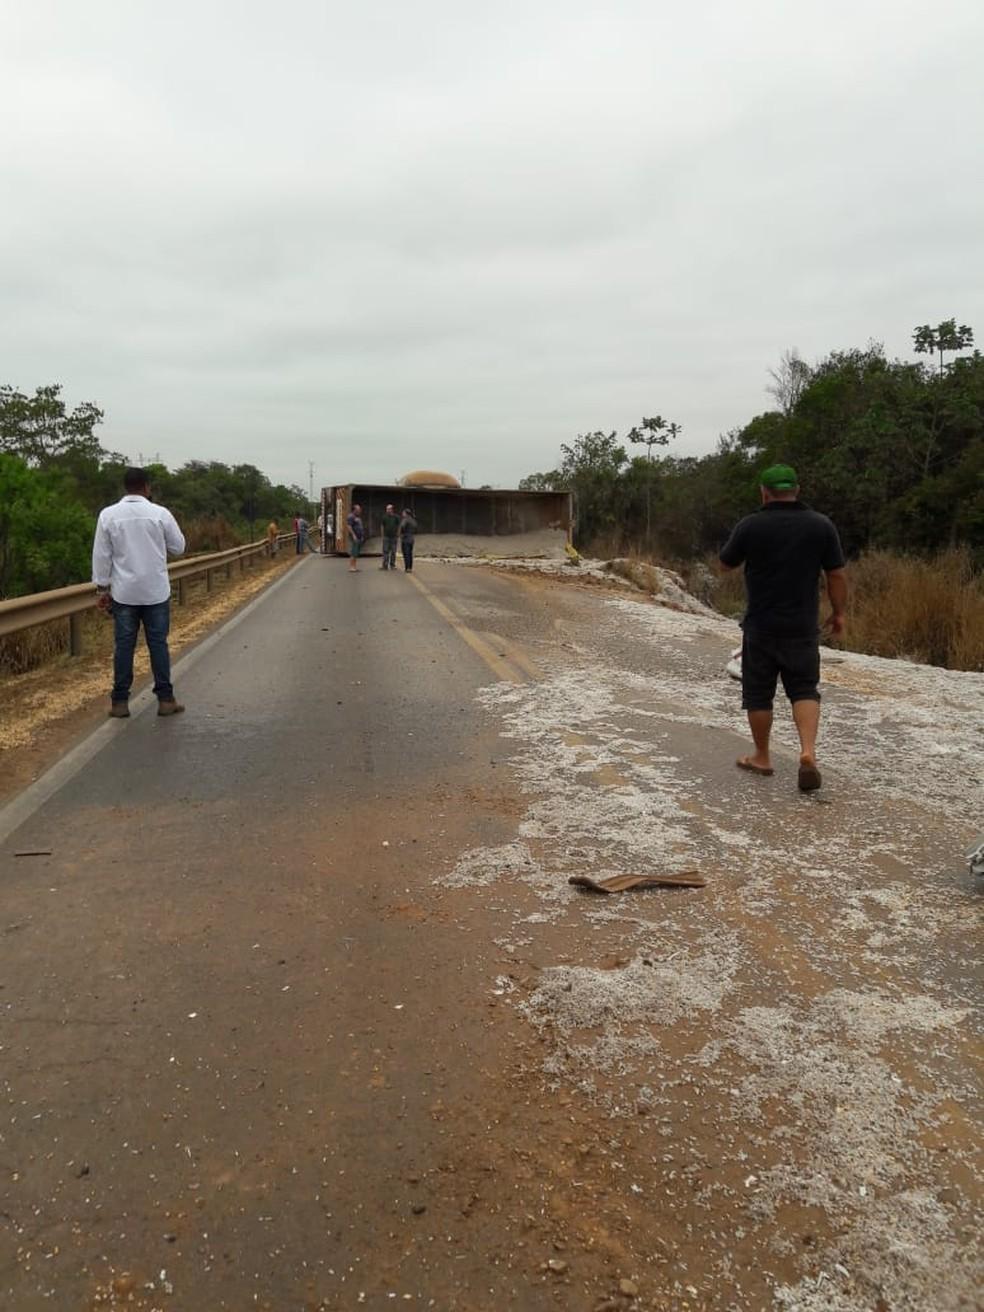 Carga de semente de algodão transportada pela carreta ficou espalhada após o acidente (Foto: Divulgação)